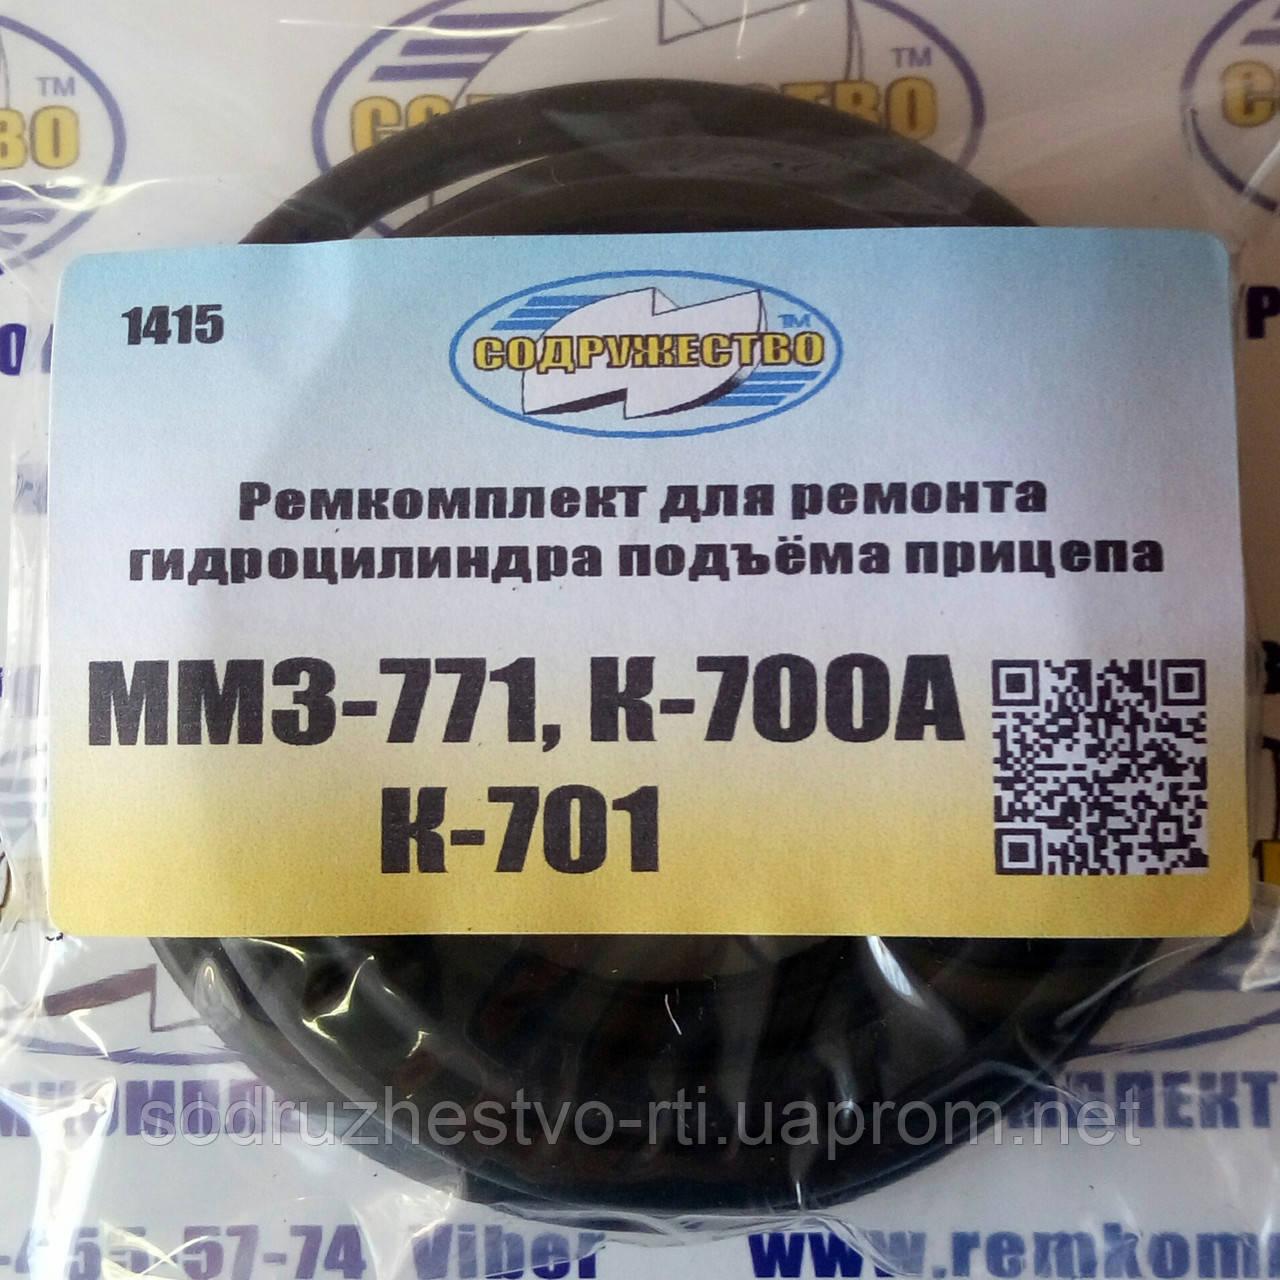 Ремкомплект гидроцилиндра подъёма прицепа ММЗ-771 трактор К-700А / К-701